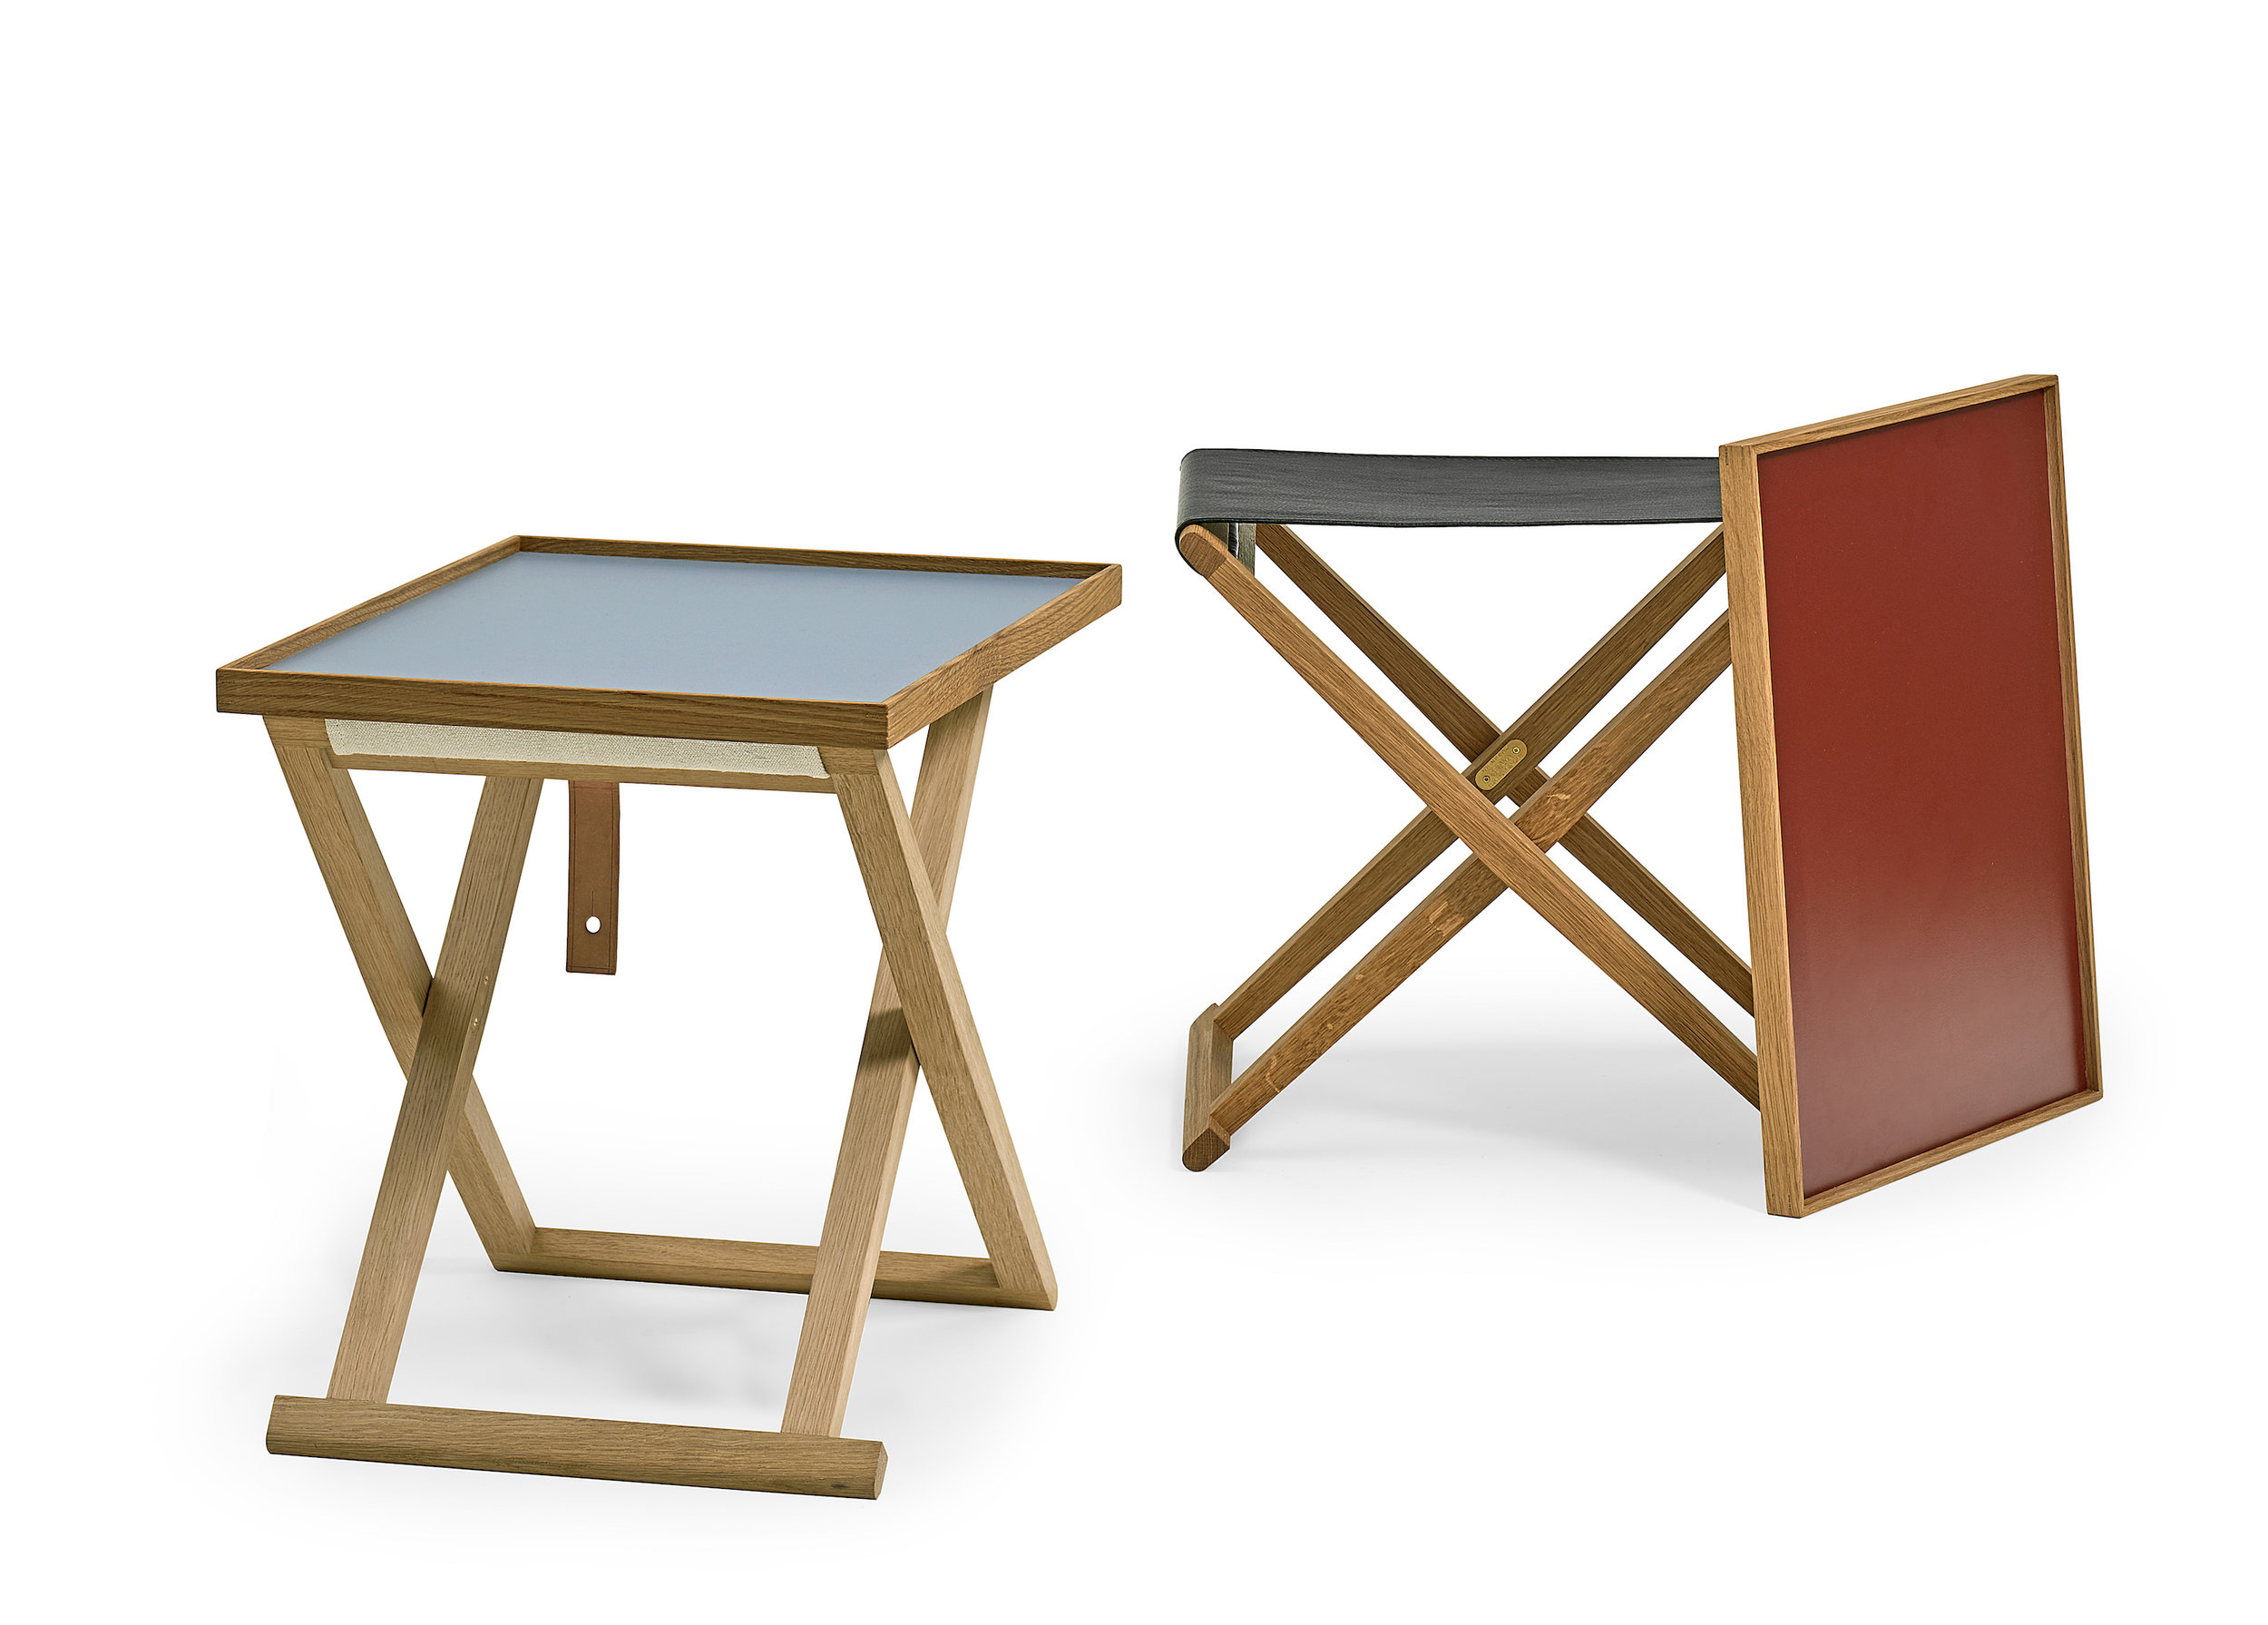 getama_mogens_koch_mk30_folding_stool_gestalt_new_york_3.jpg